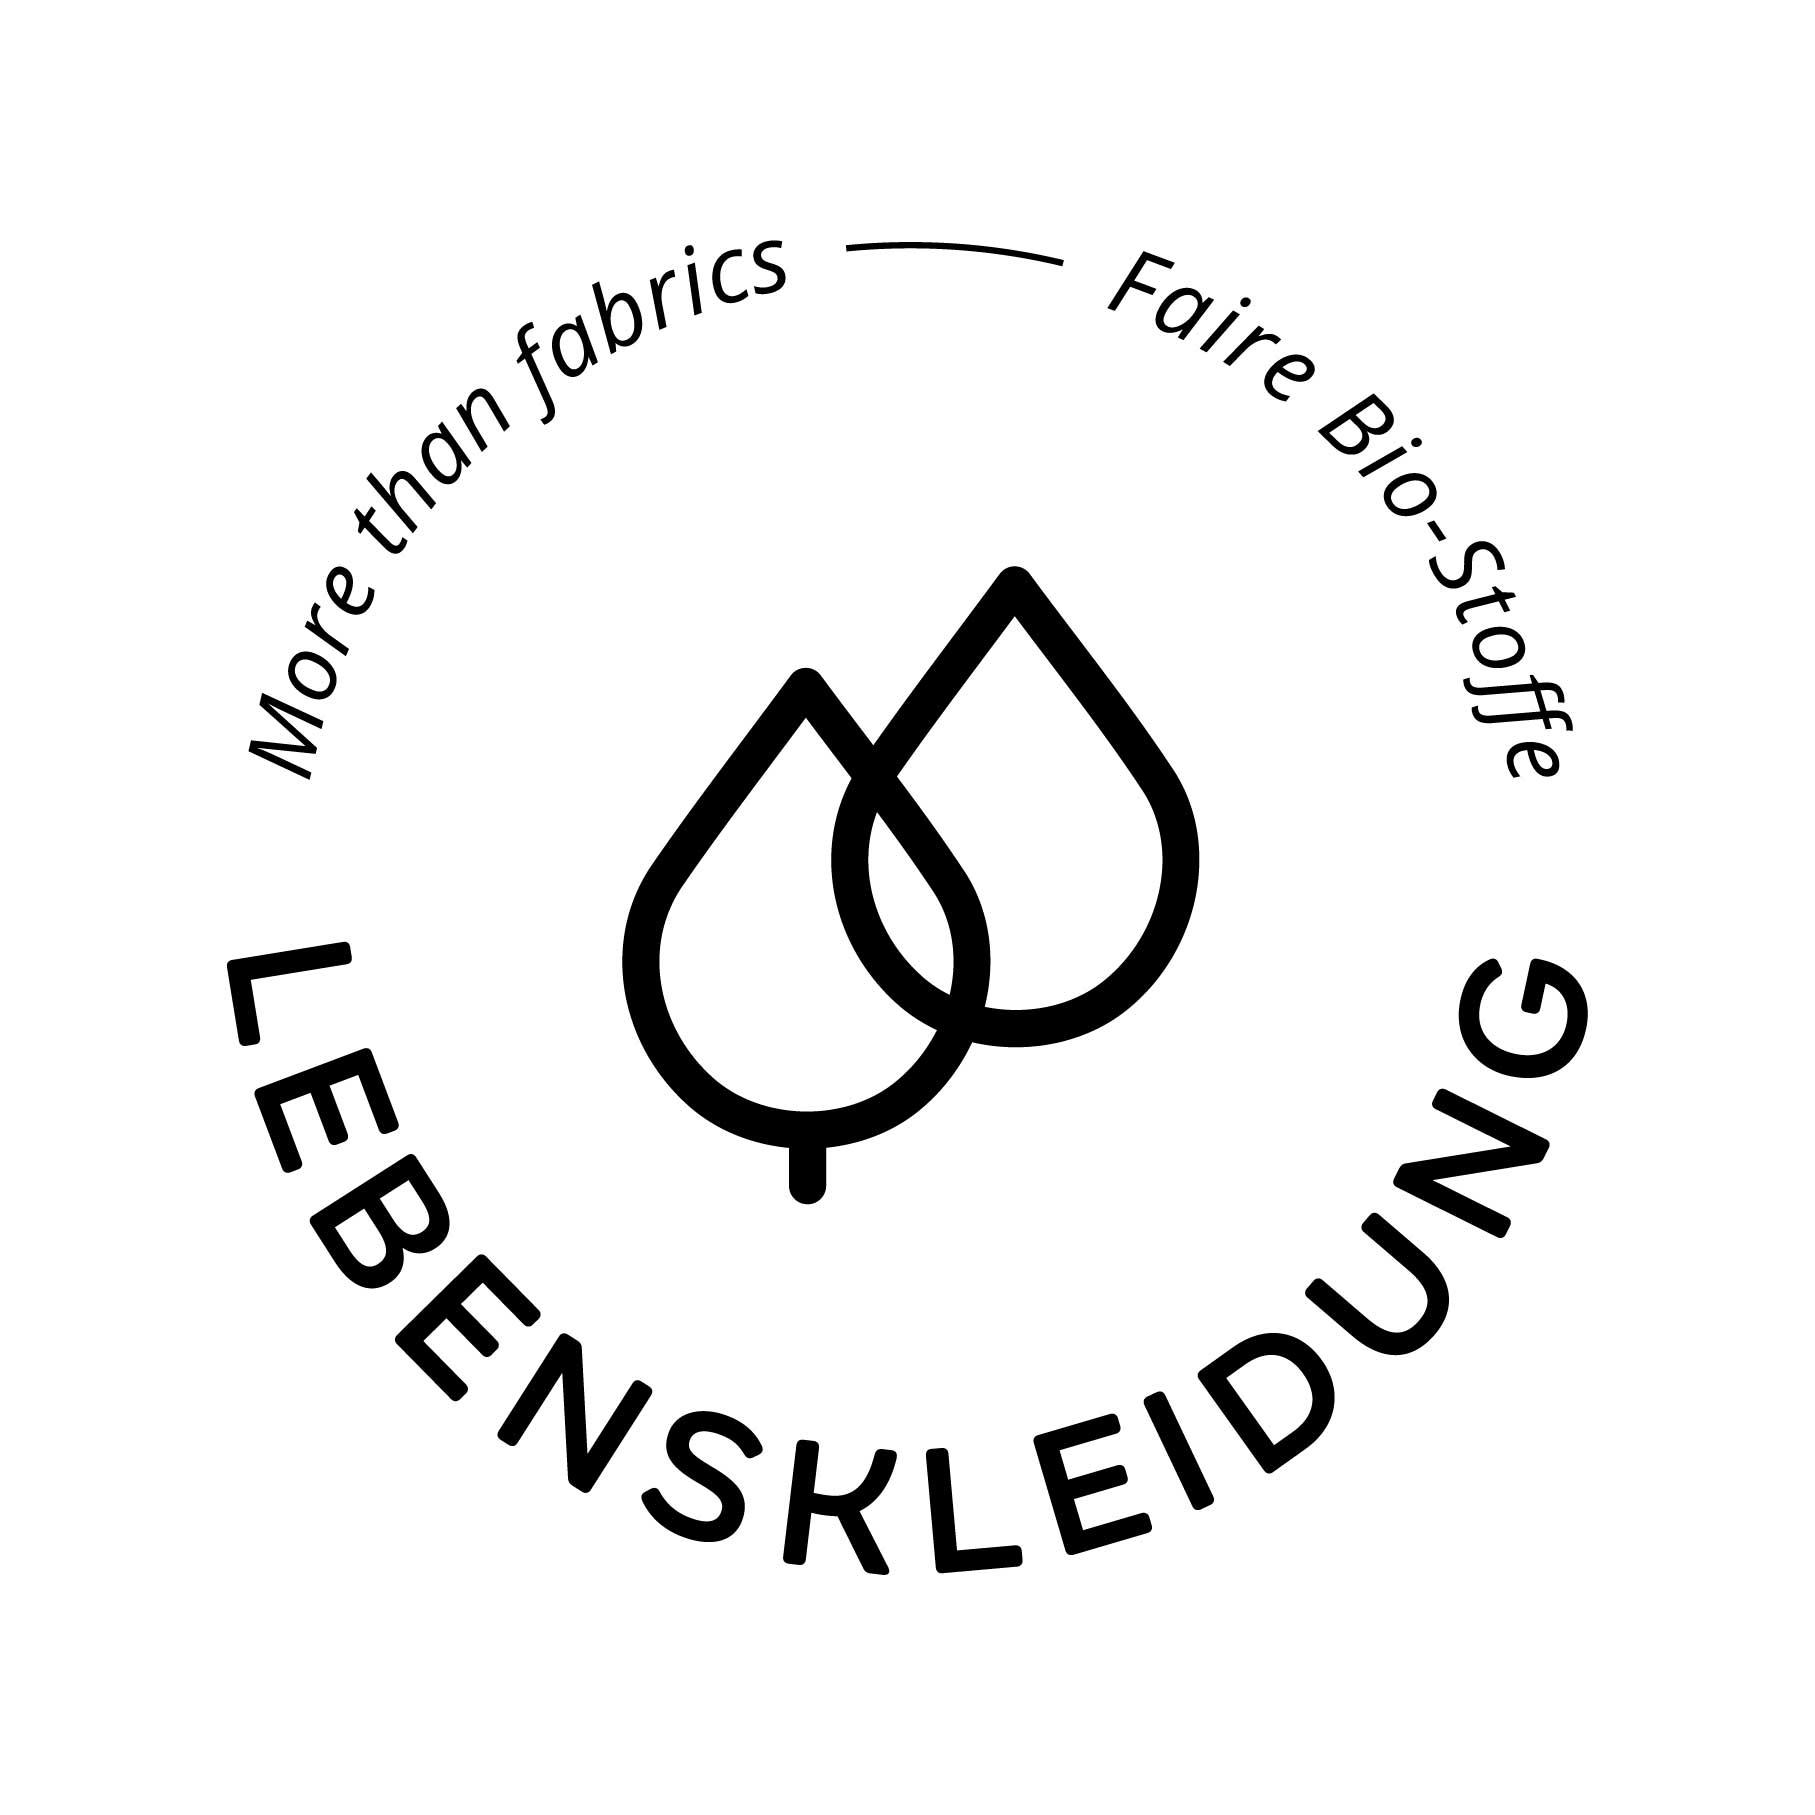 Bio Tissu RIB 2x1 (manchette) - Amazon Marl-2